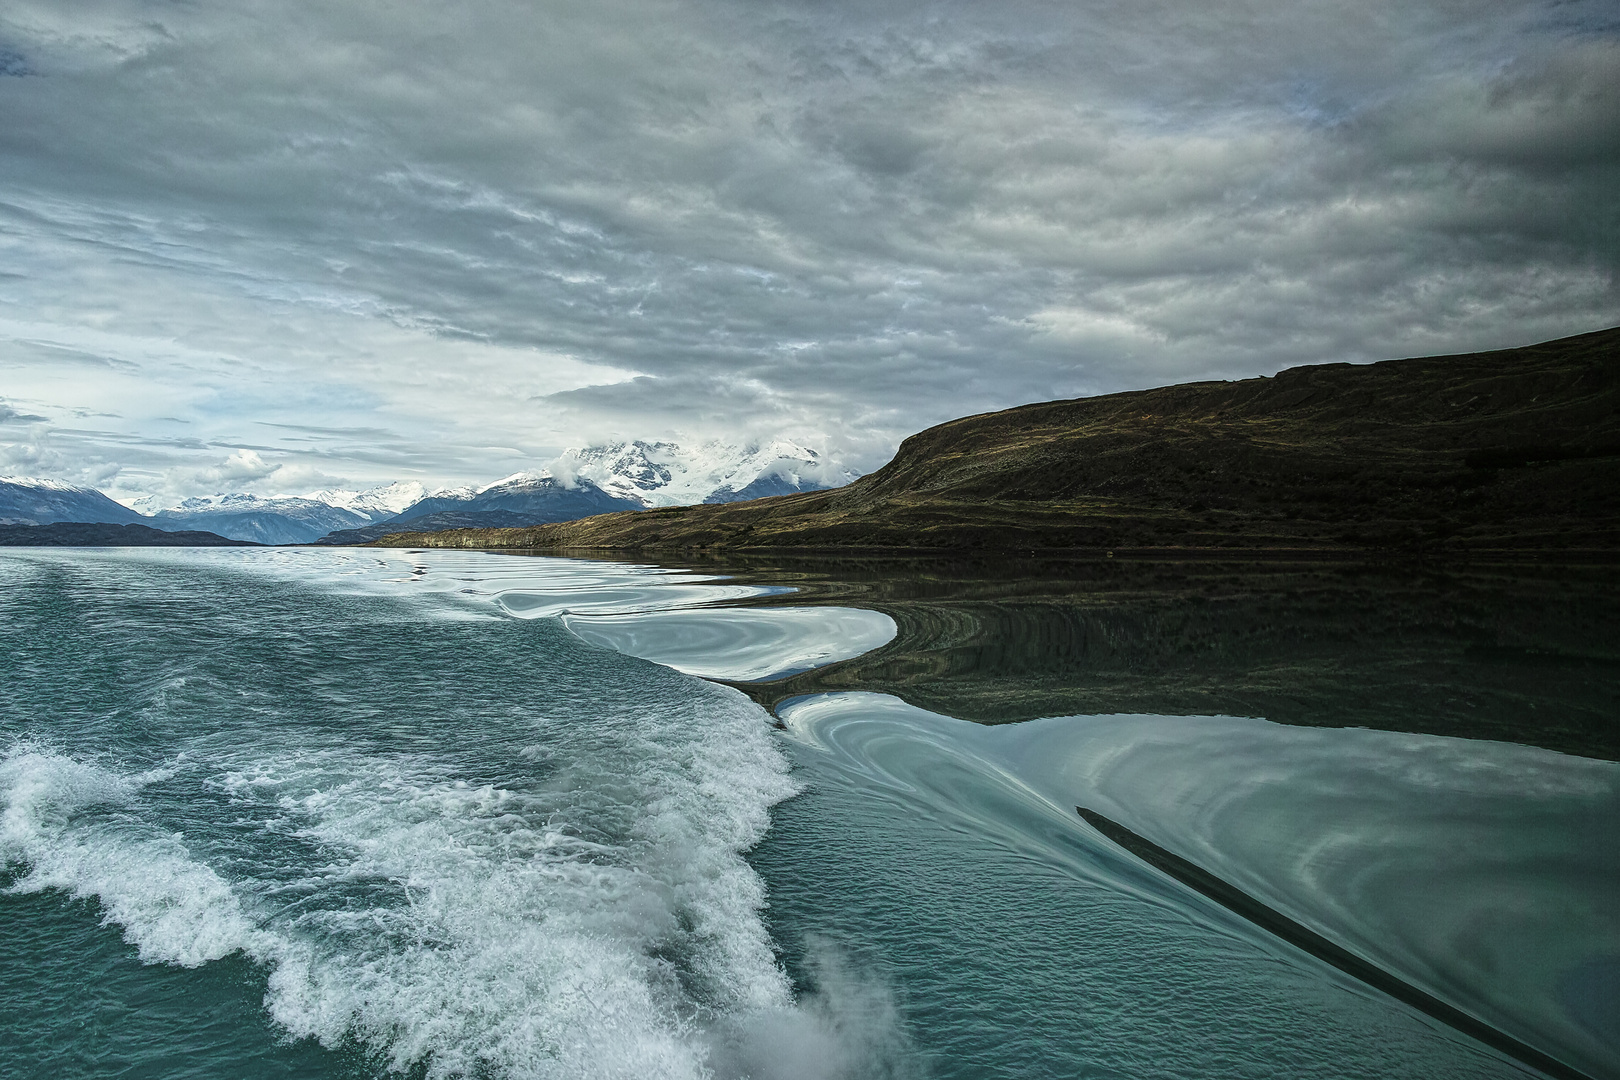 Auf der Fahrt zum Upsala-Gletscher in Patagonien